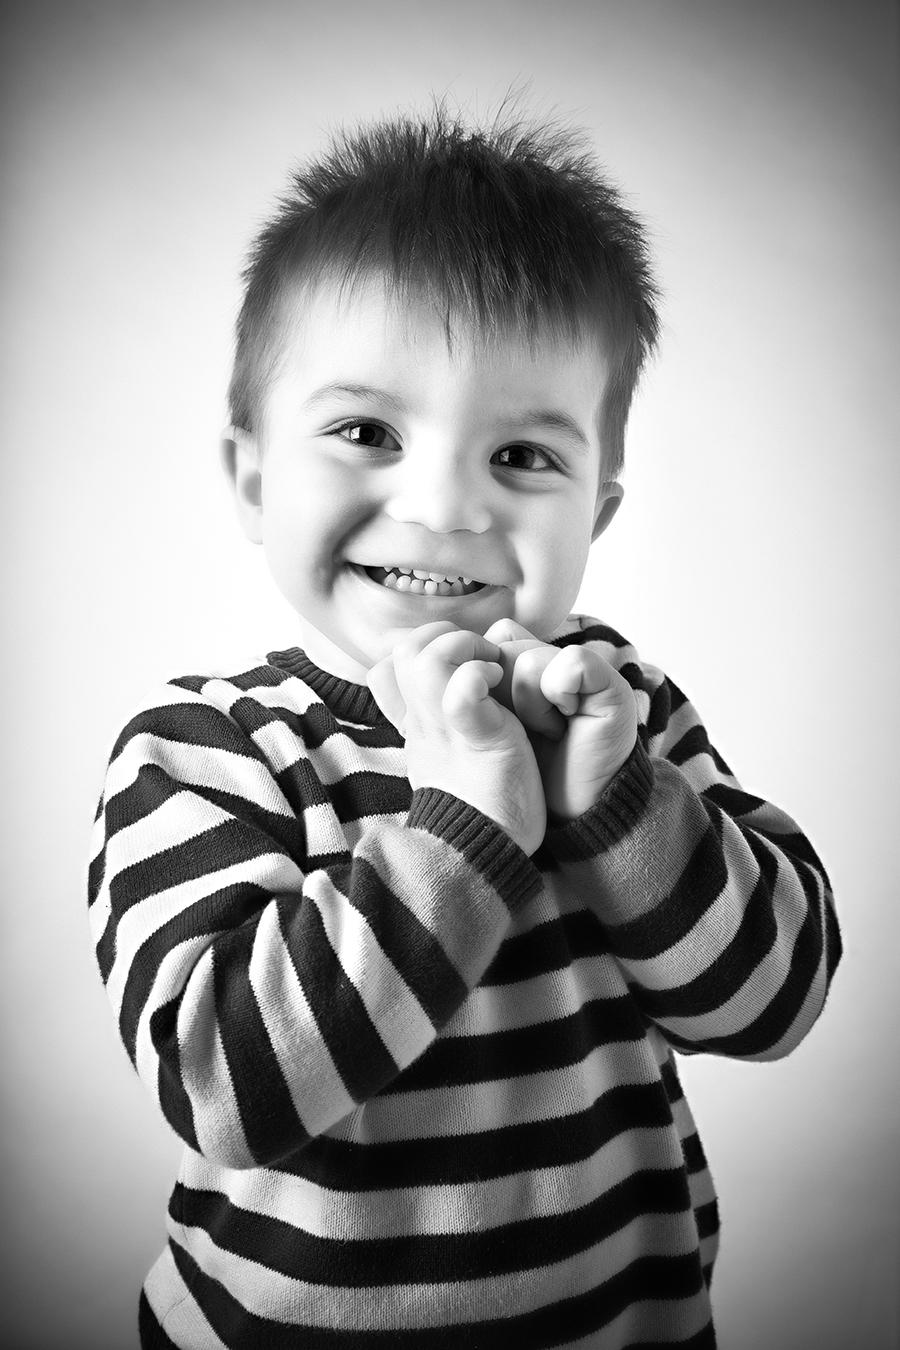 Renato_Zanette_Fotografo_Vittorio_Veneto_Elena_Pregnancy_Modherhood_Conegliano_Famiglia_Felice